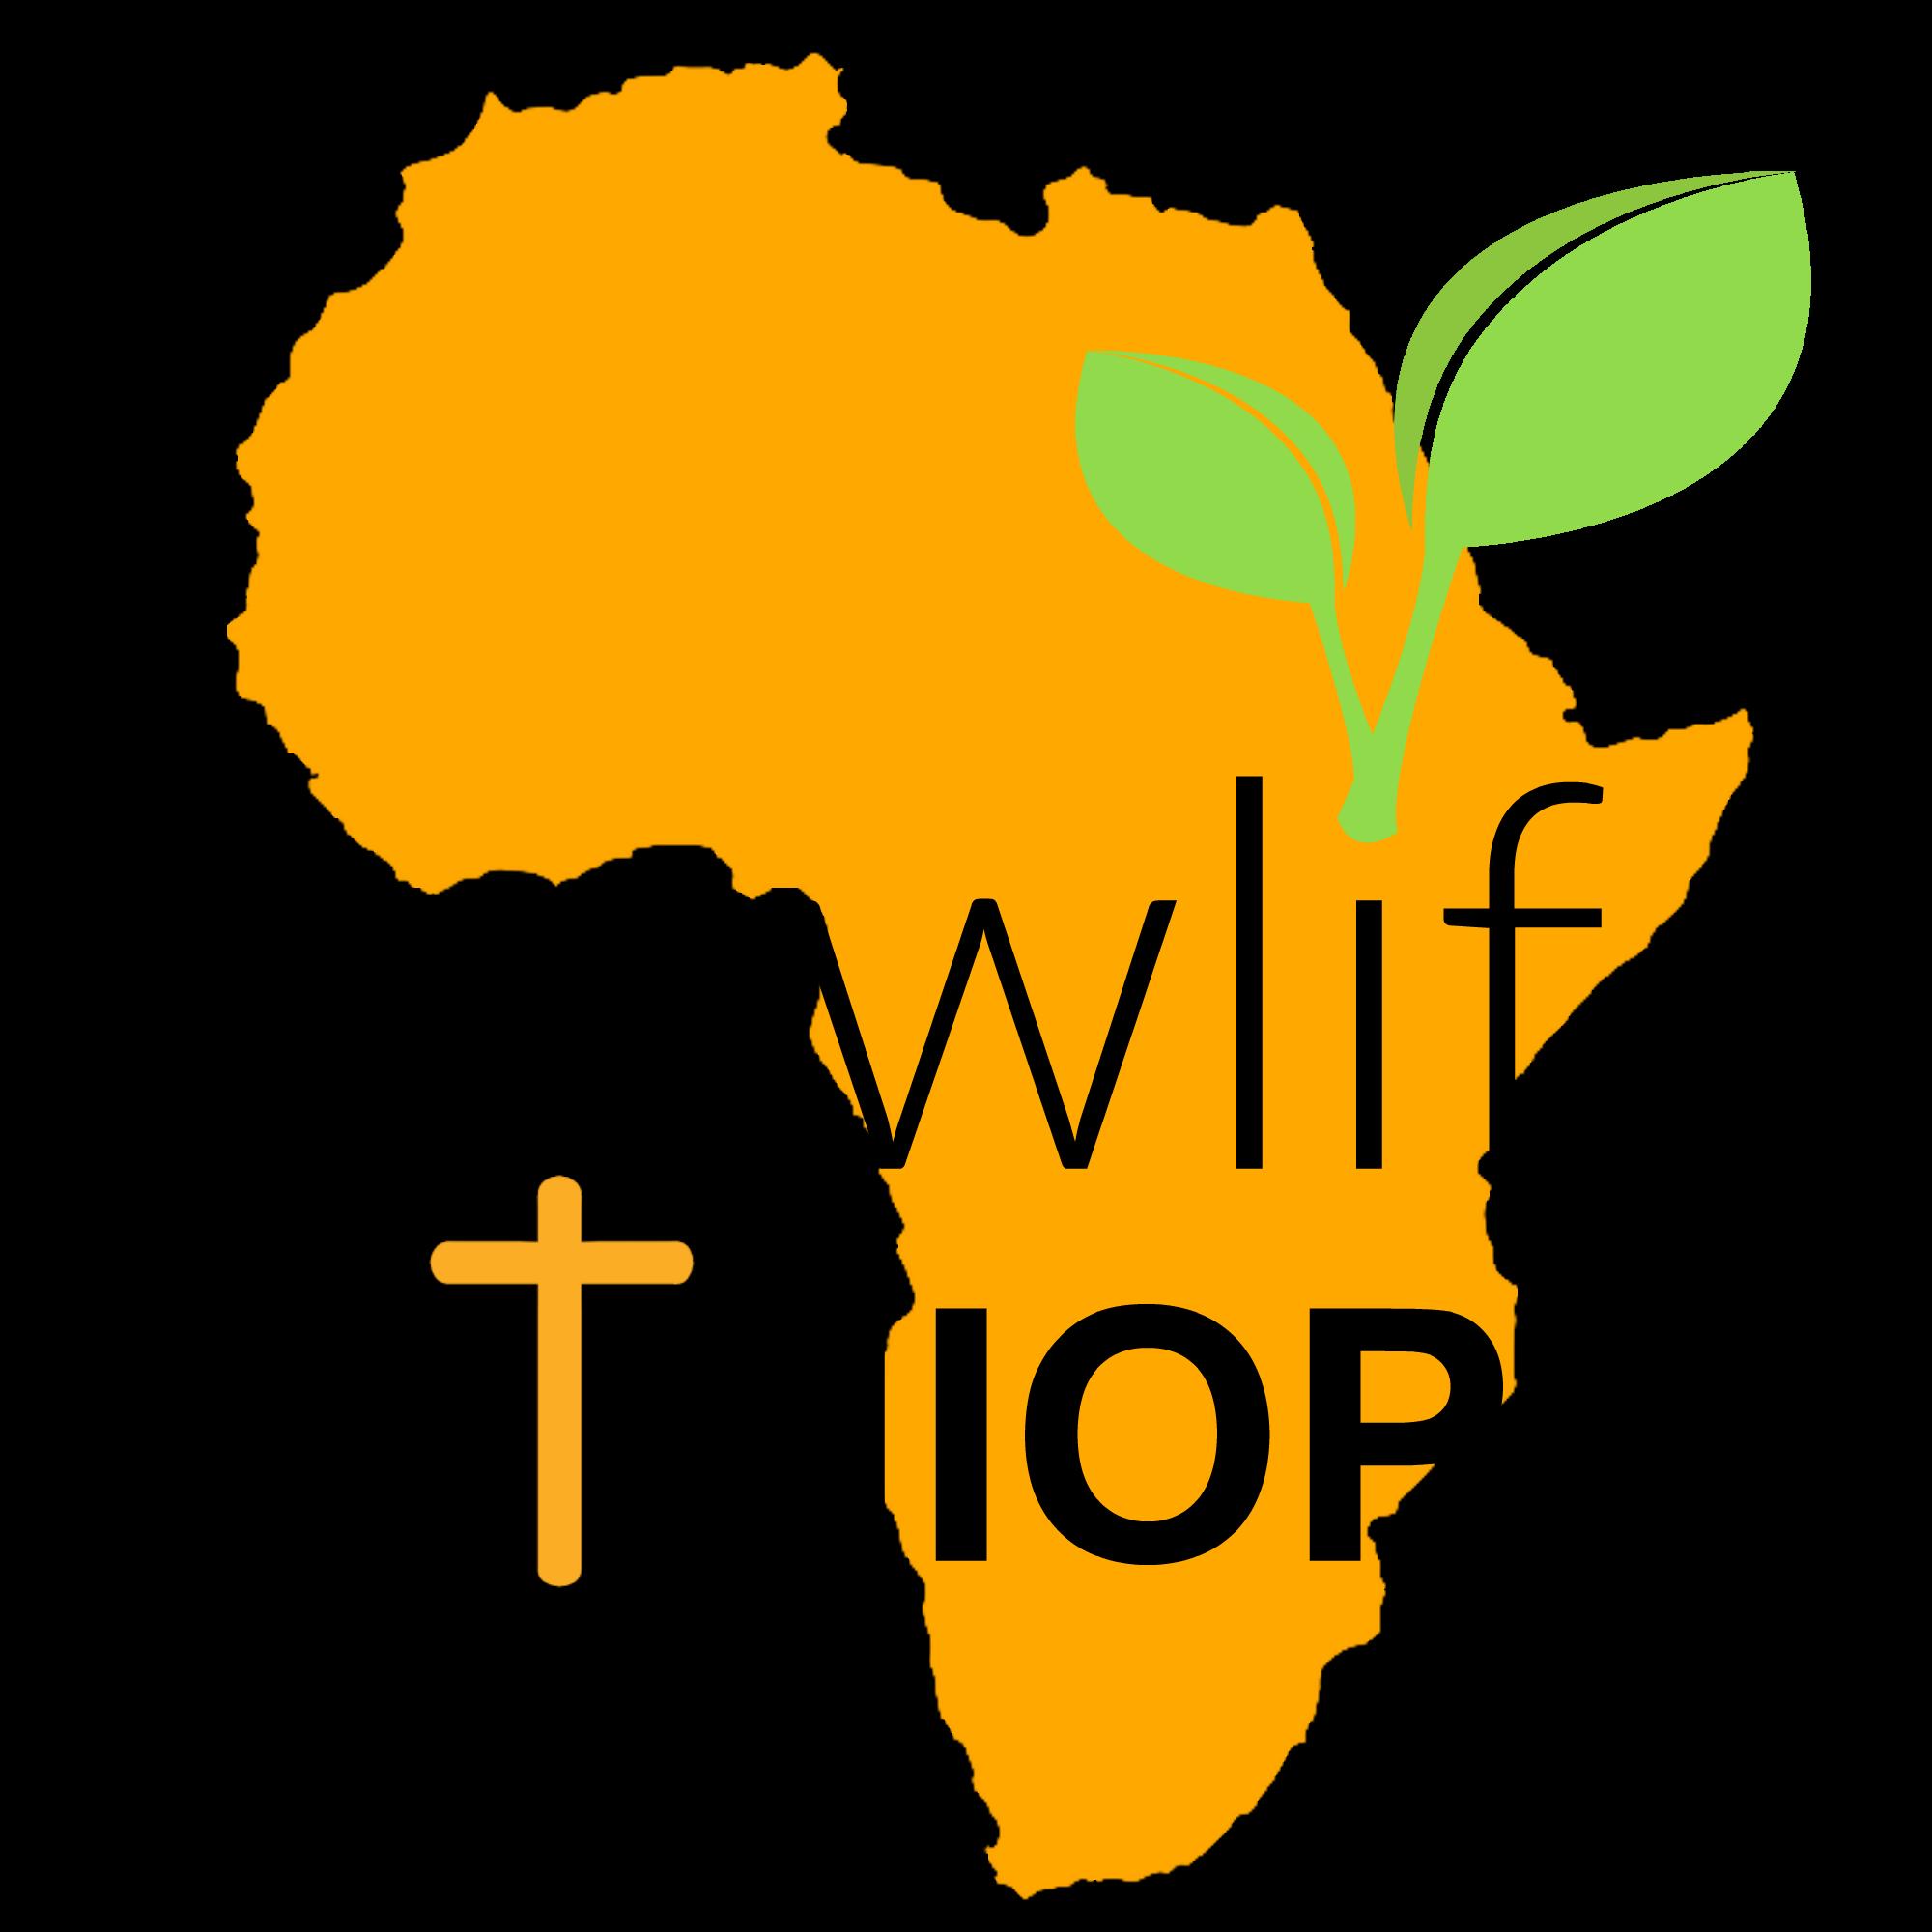 New Life Ethiopia